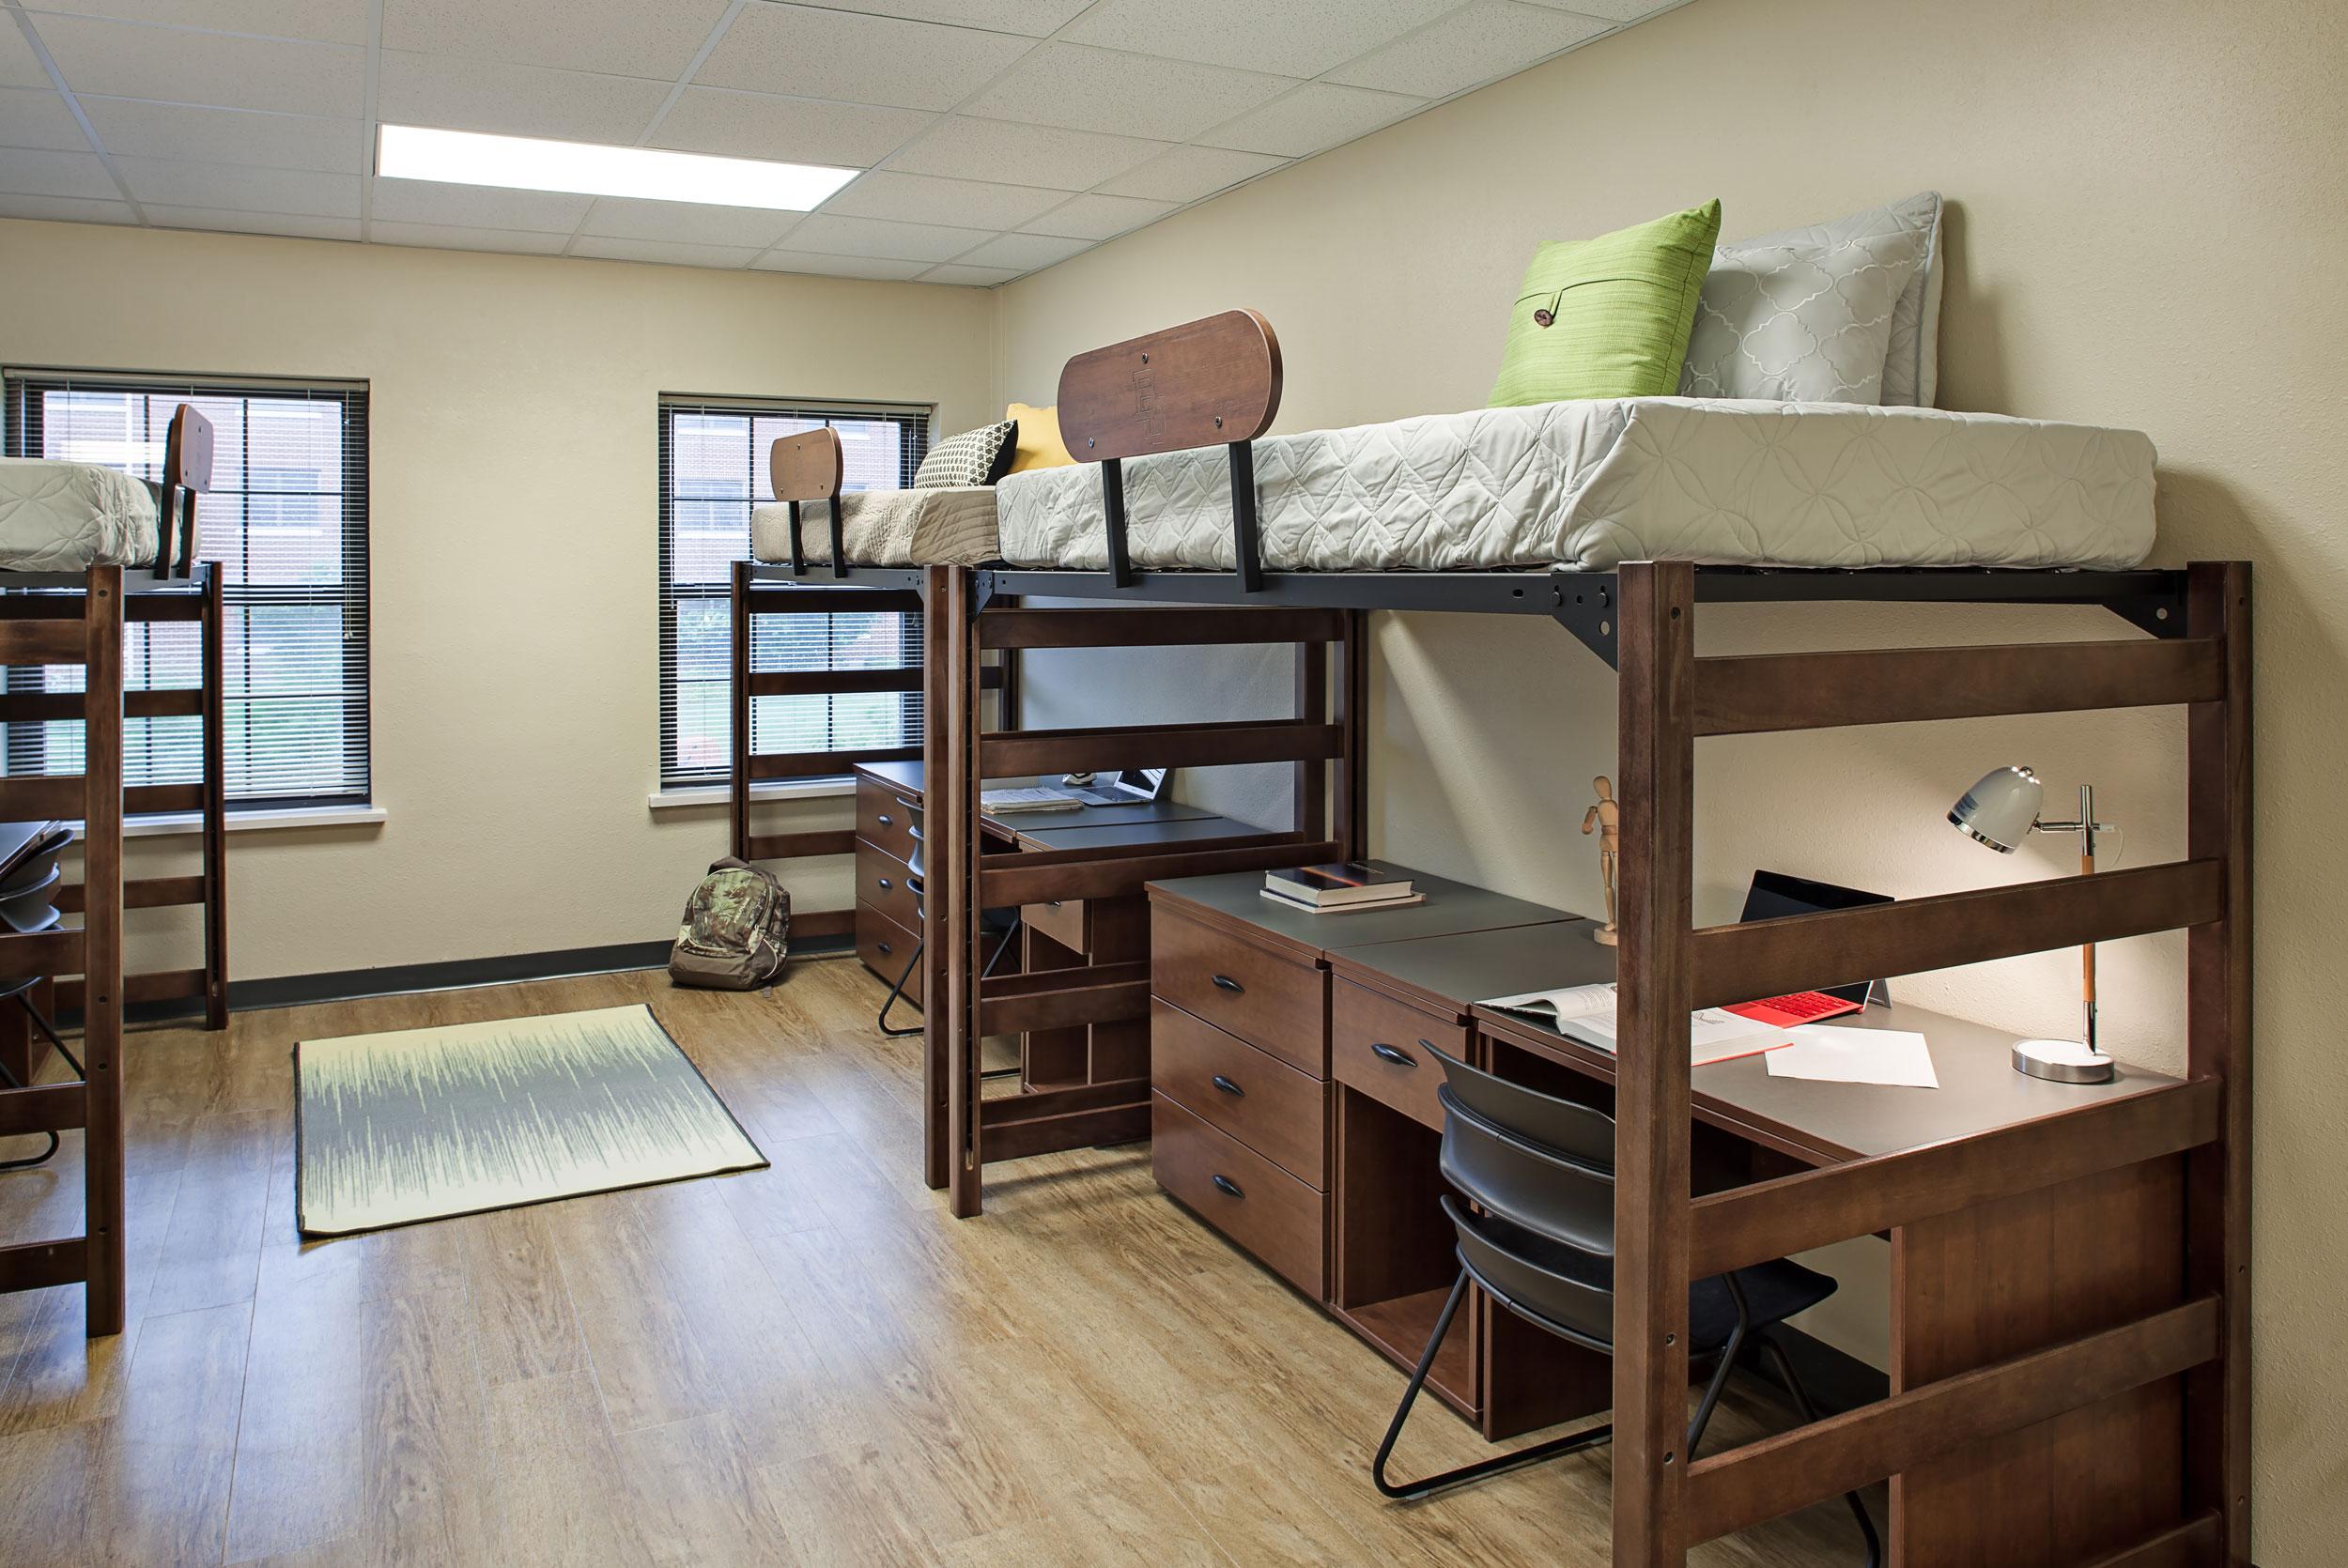 Baylor University Martin Residence Hall Renovation